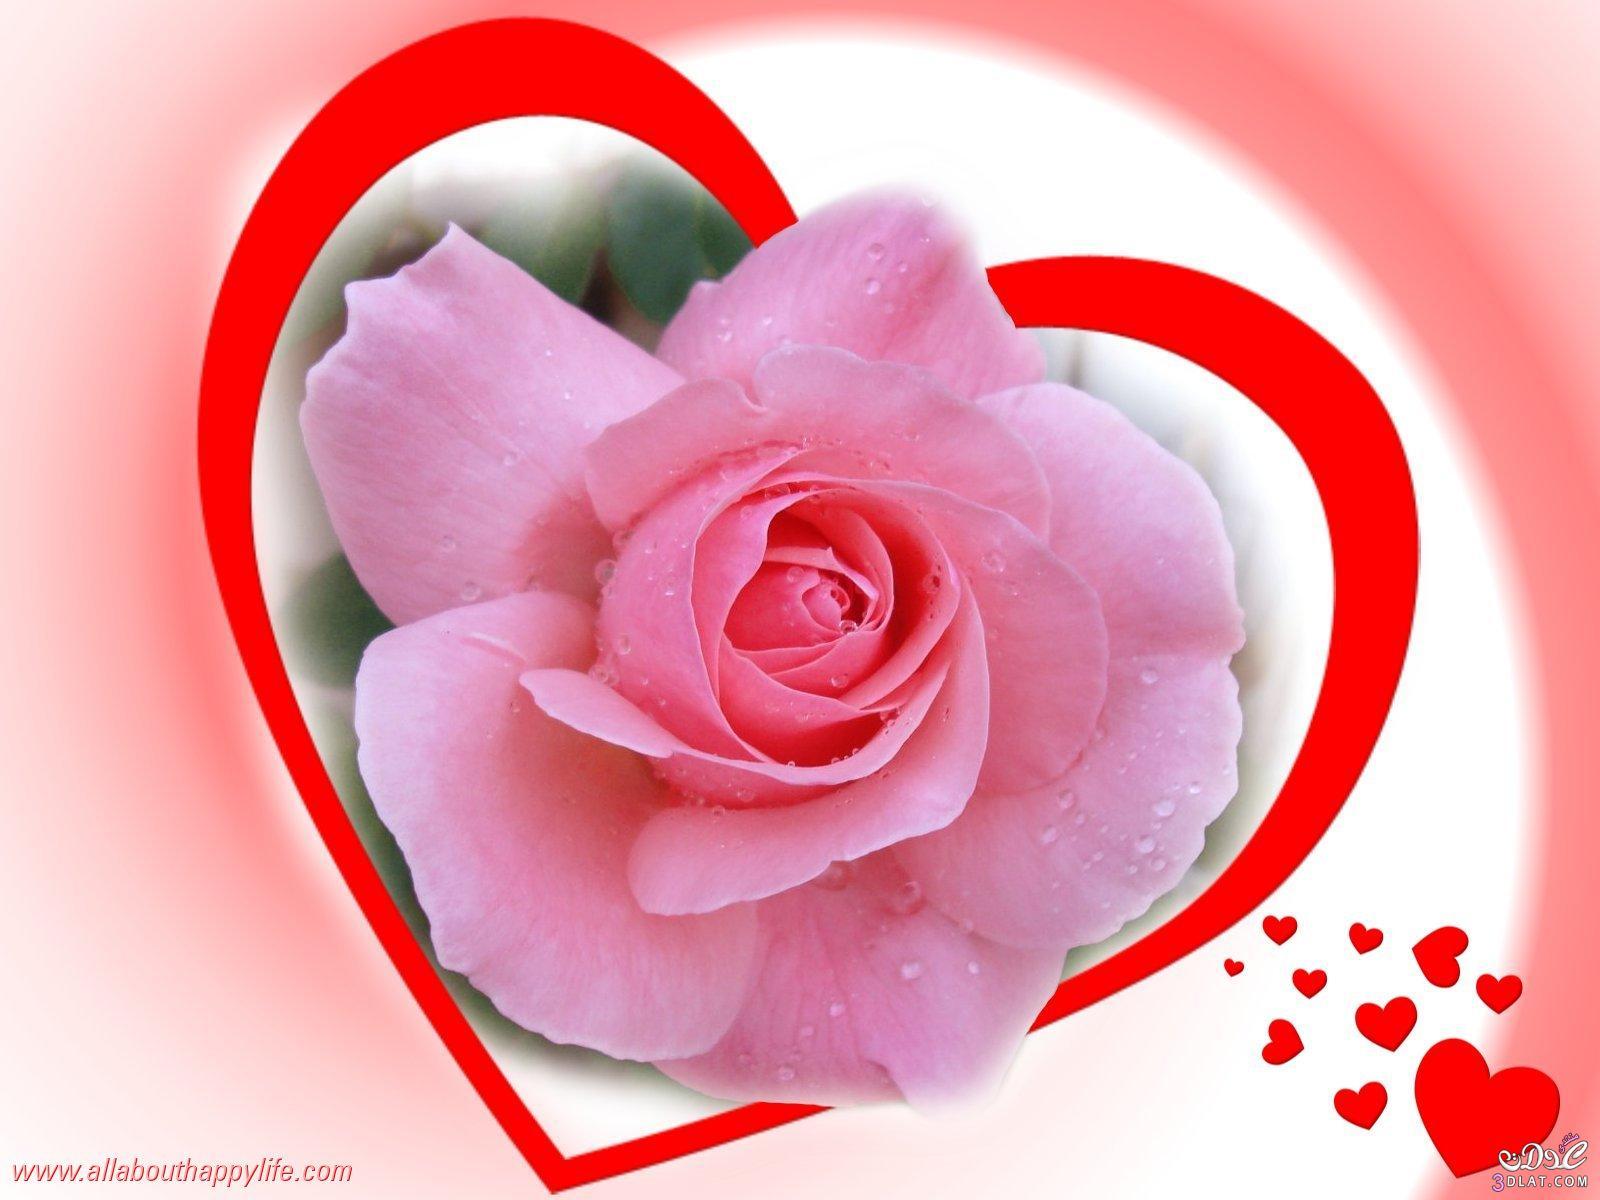 صوره اجمل ورود الحب , احلى الازهار المعبرة عن الرومنسيه والحب